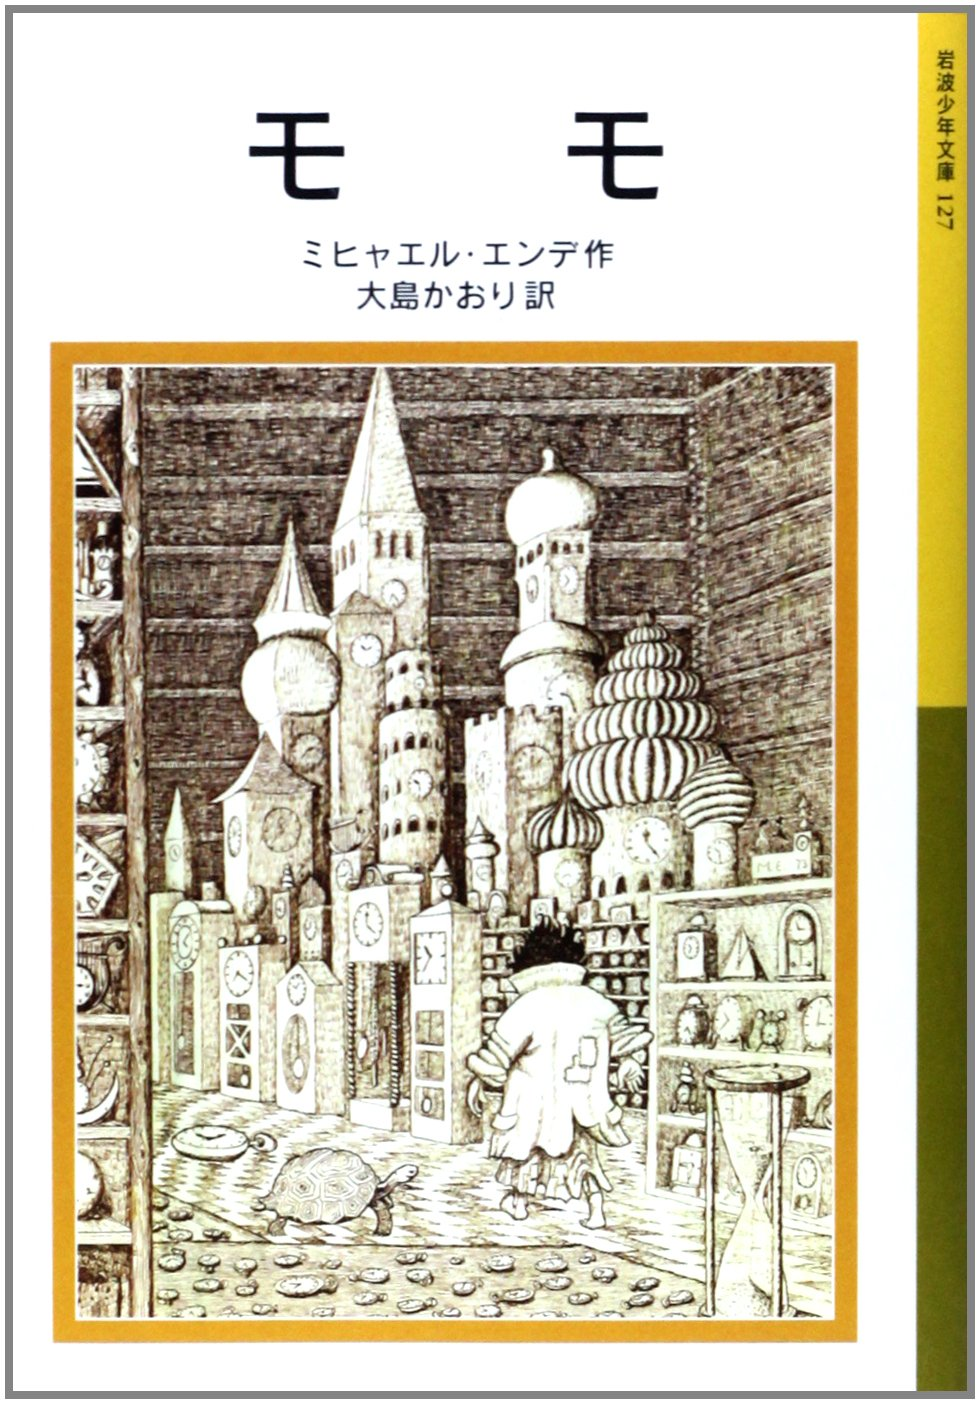 ミヒャエル・エンデ(2005)『モモ』岩波少年文庫